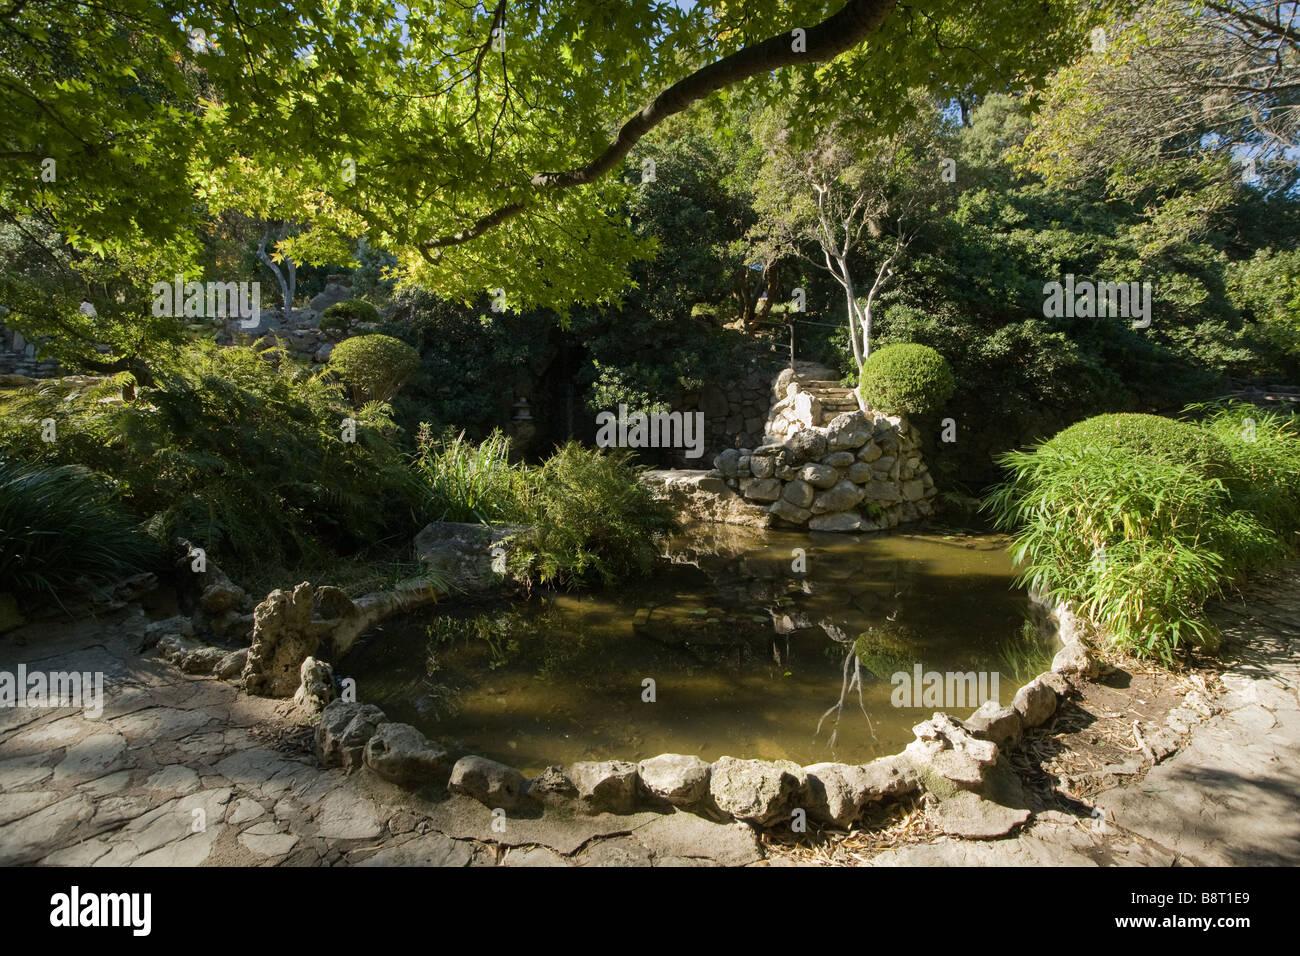 Austin, Texas   Taniguchi Japanese Garden In The Zilker Park Botanical  Gardens